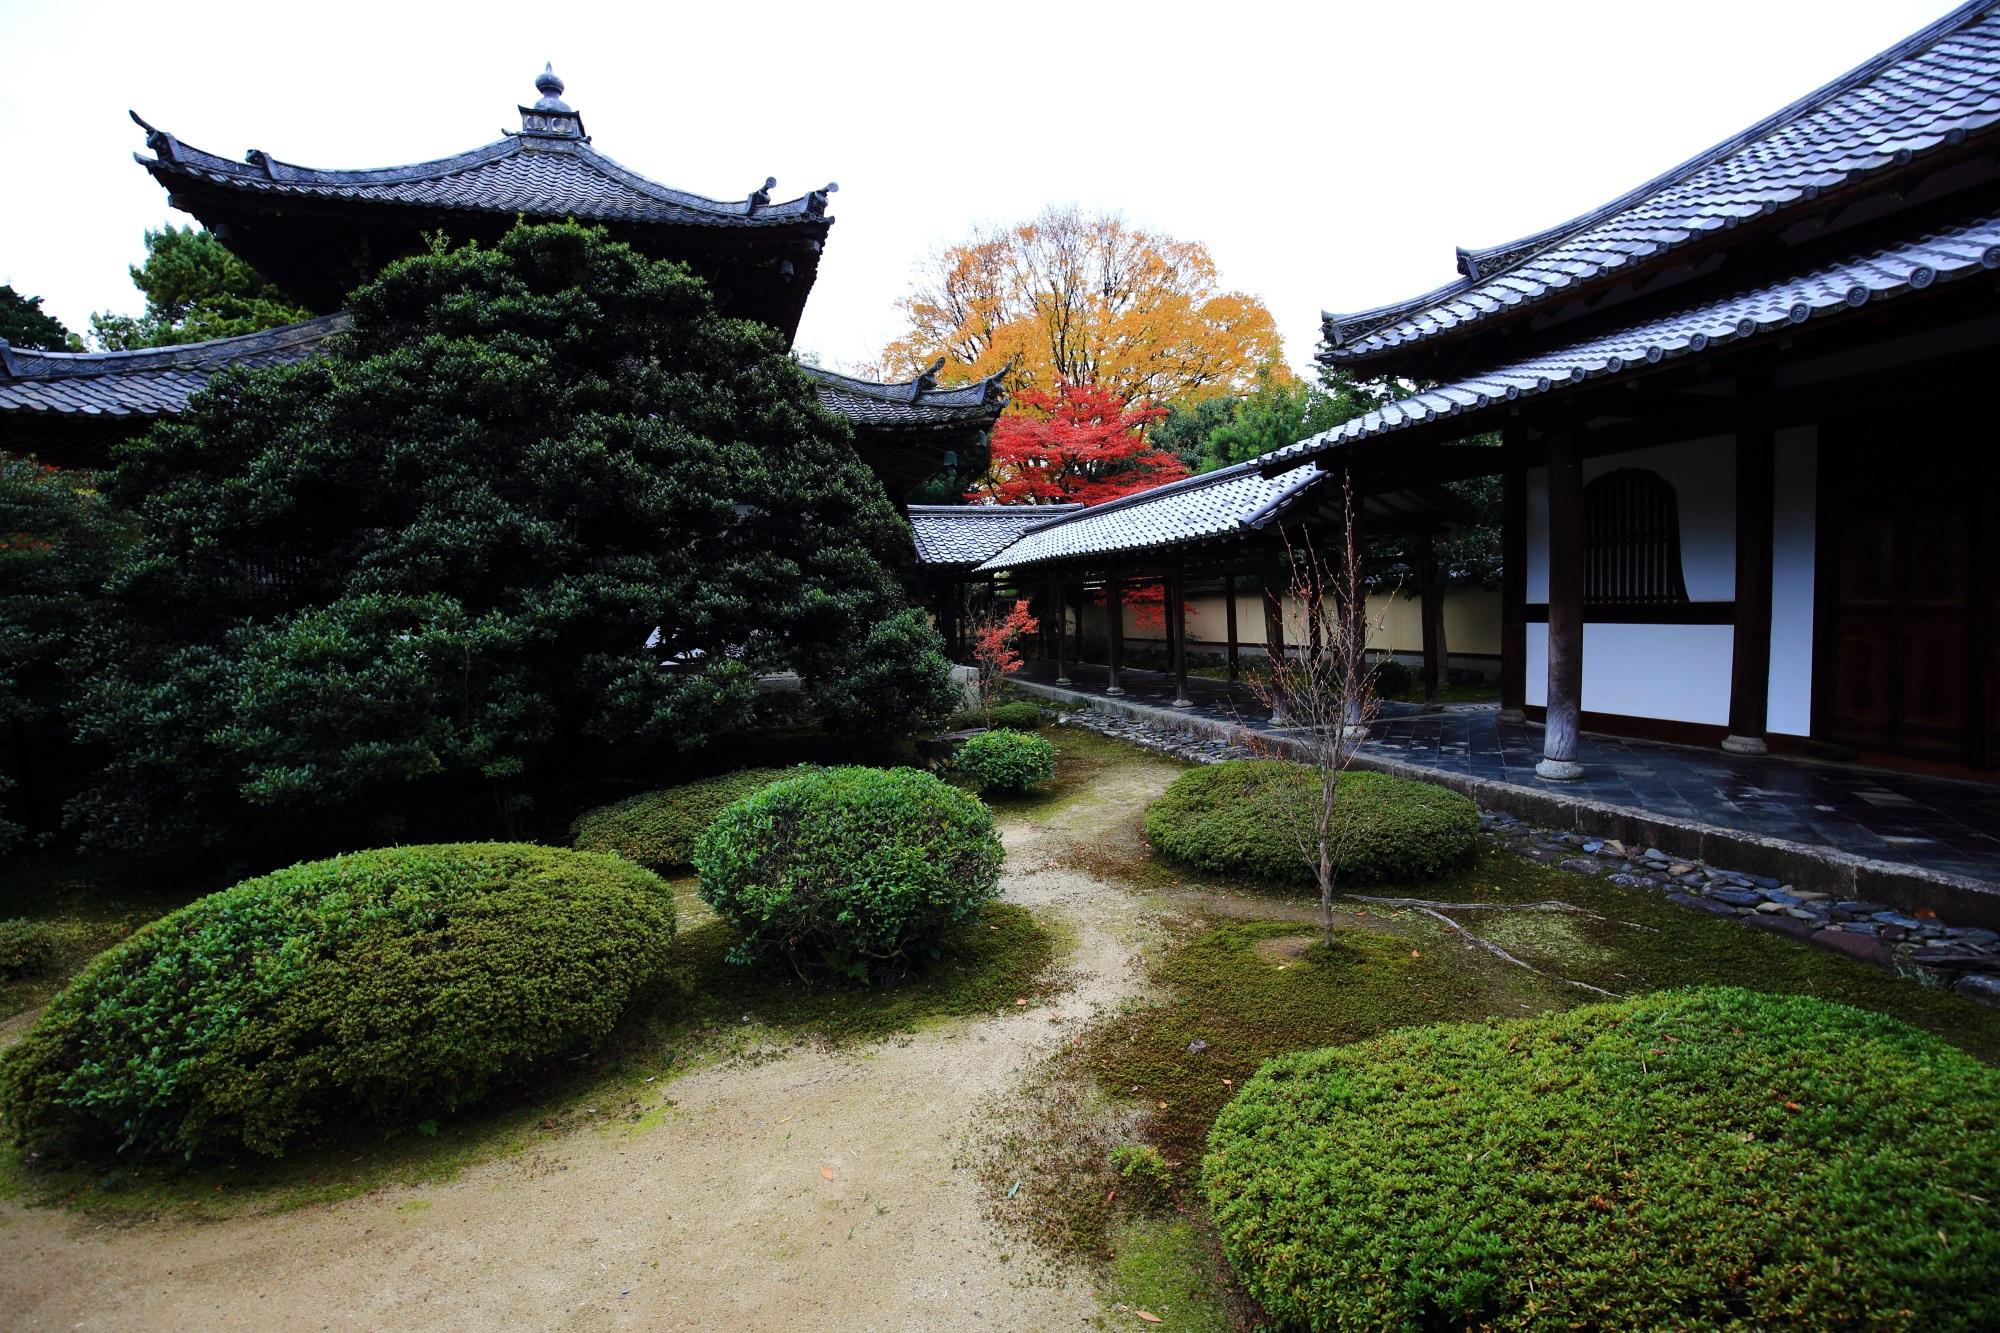 鹿王院の舎利殿と渡廊下と紅葉